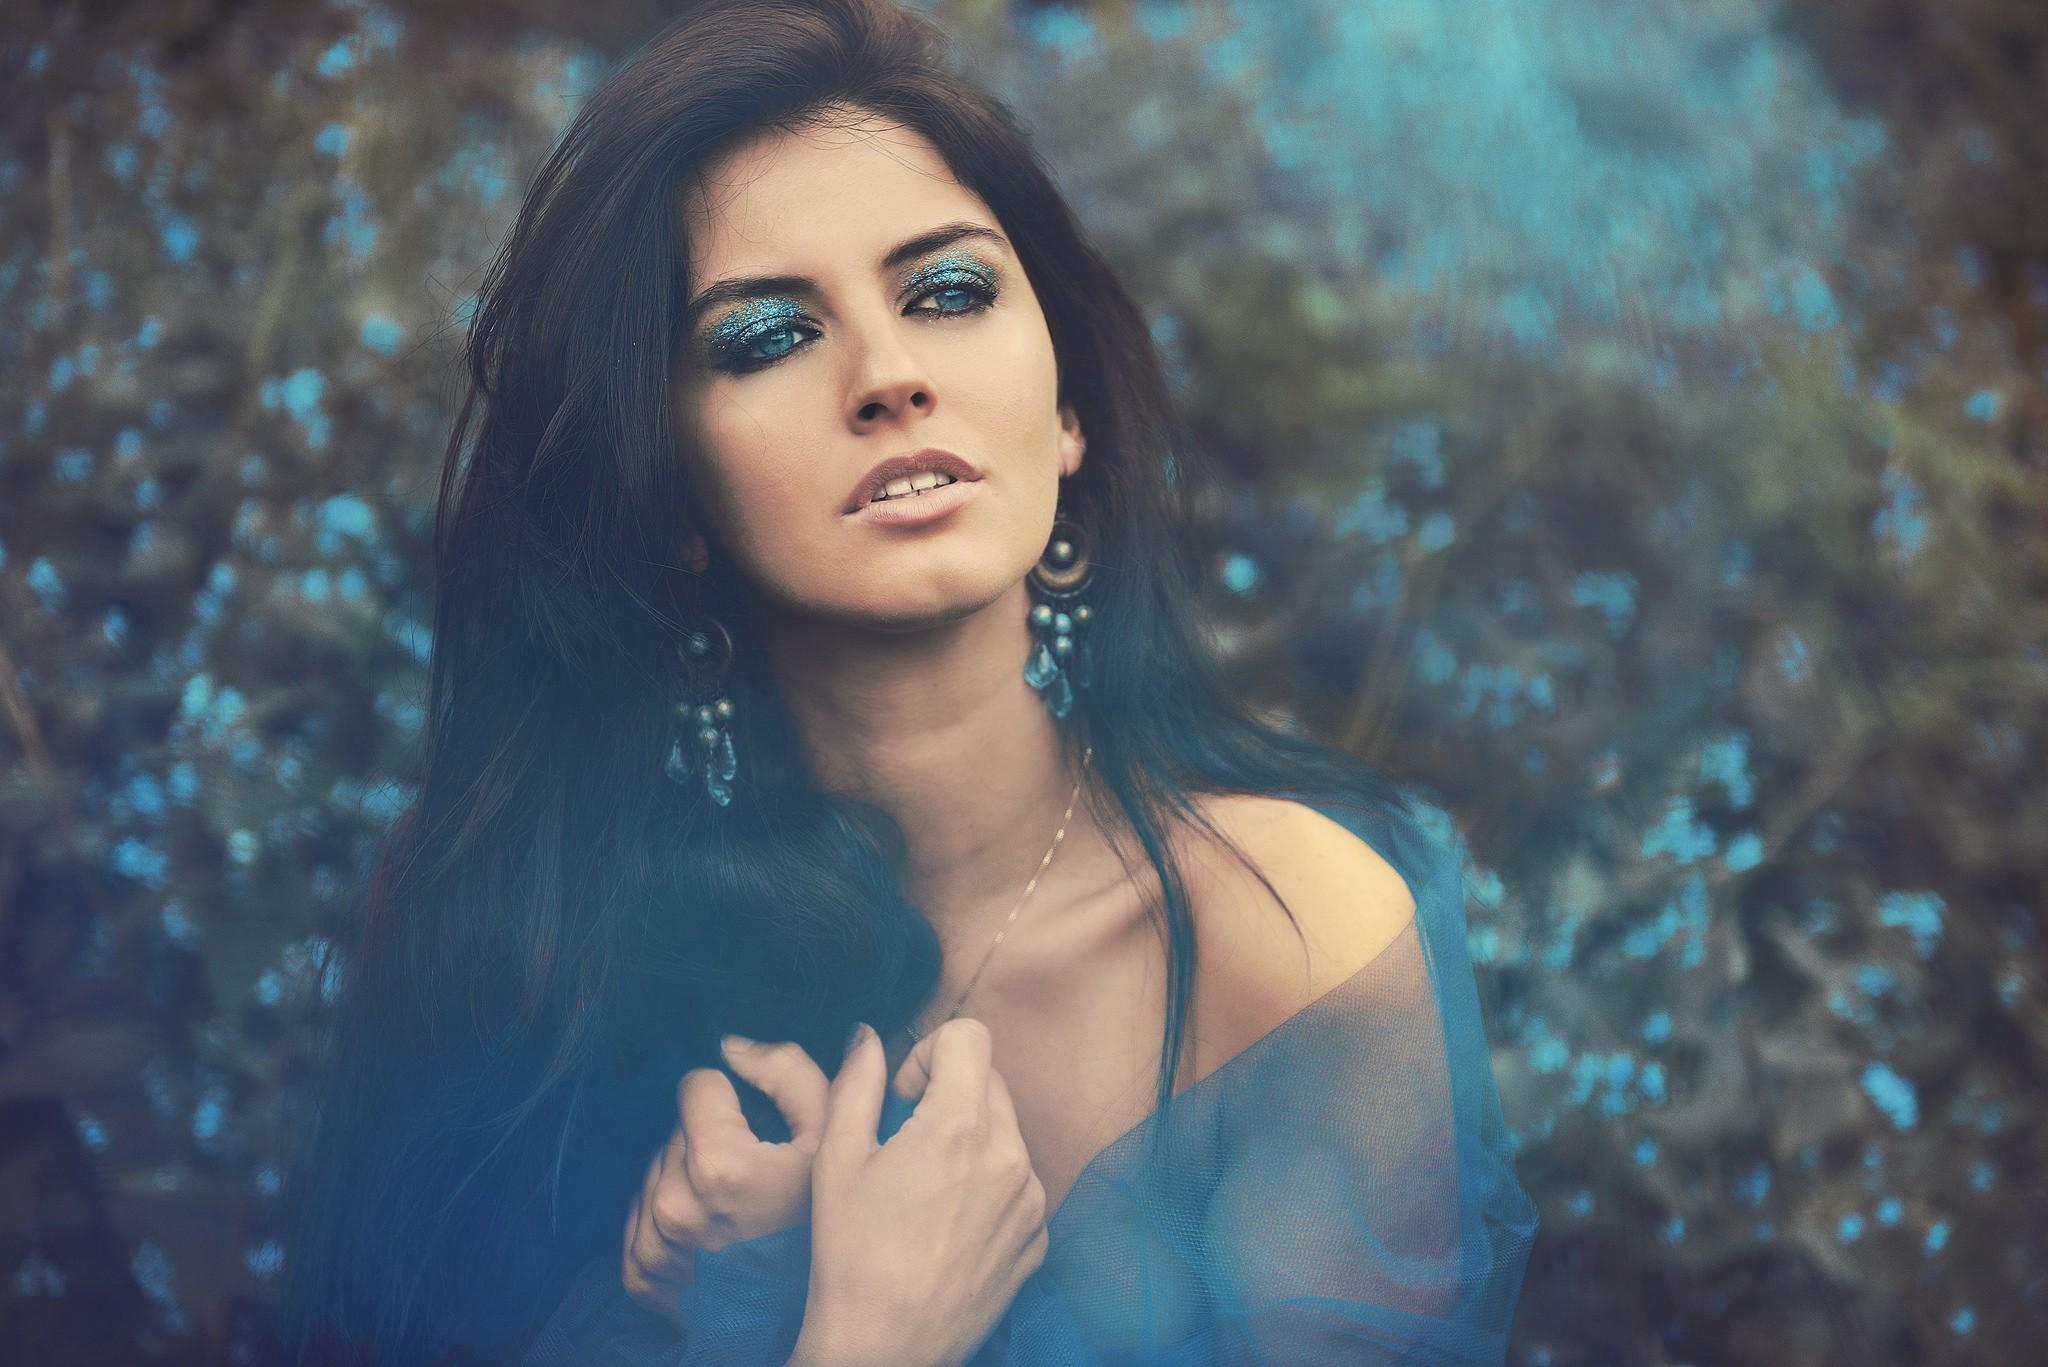 face portrait women model aurela skandaj